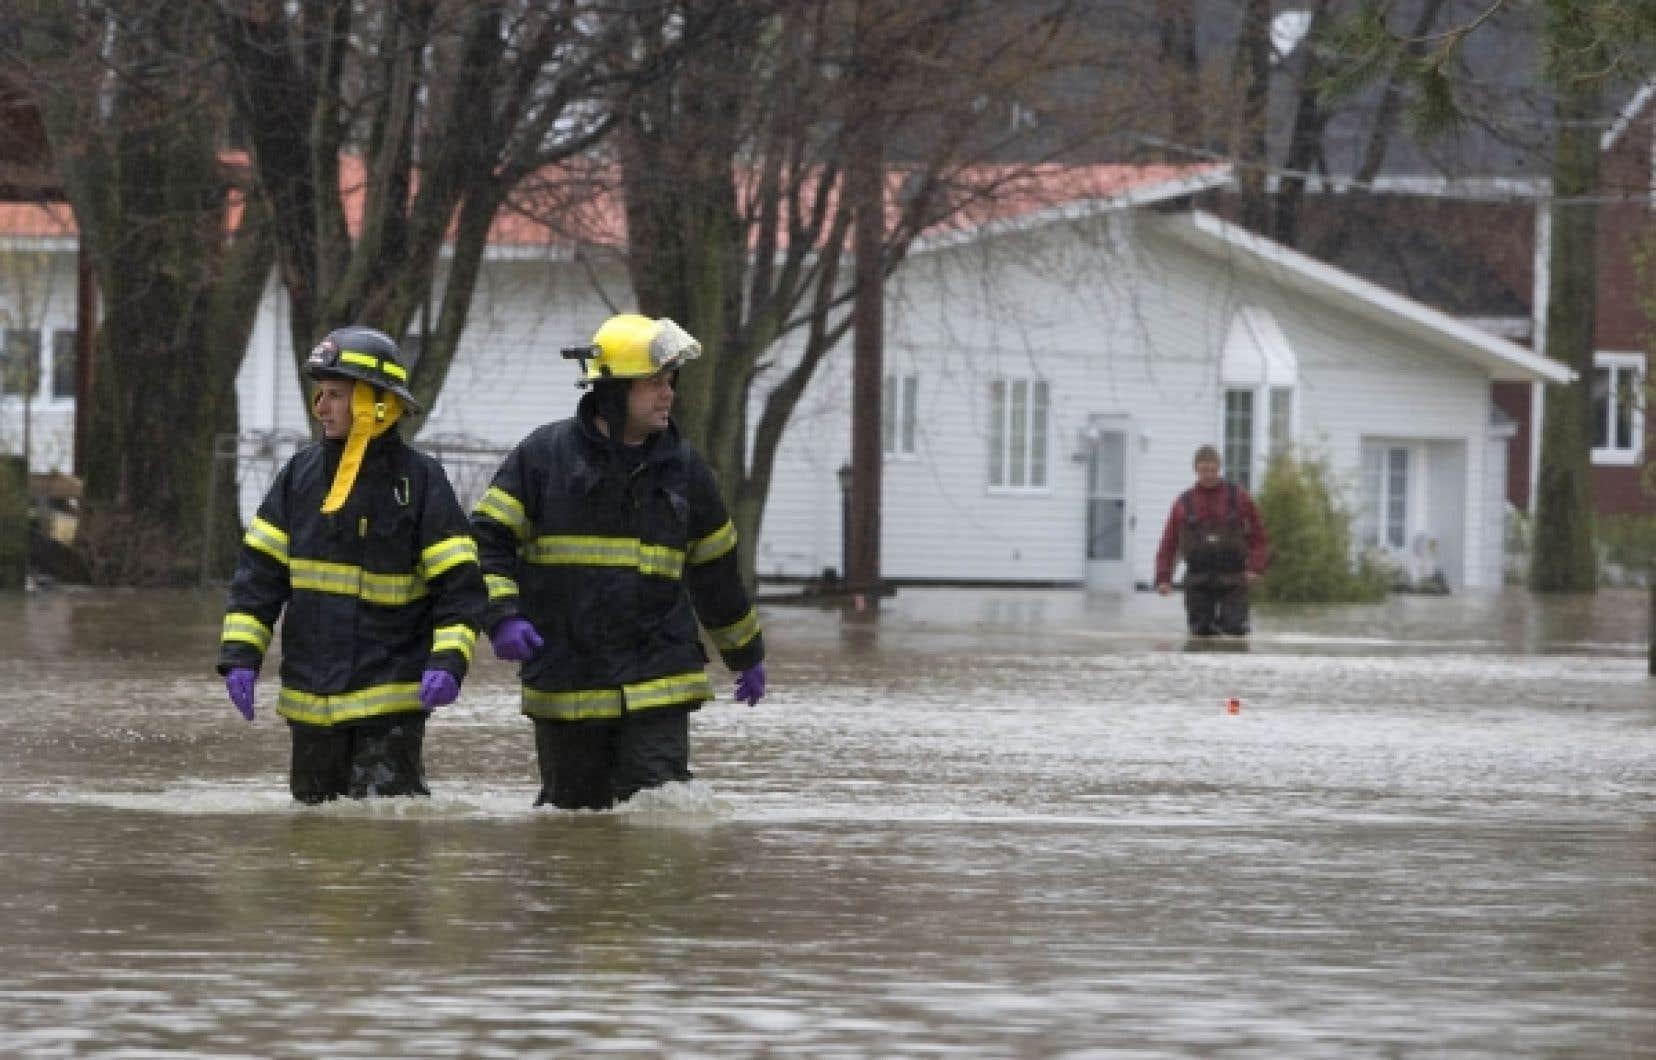 Les inondations du Richelieu ont démontré l'incohérence d'un gouvernement qui se dit sensible à la protection de l'environnement et qui a autorisé la reconstruction de résidences permanentes dans une plaine inondable.